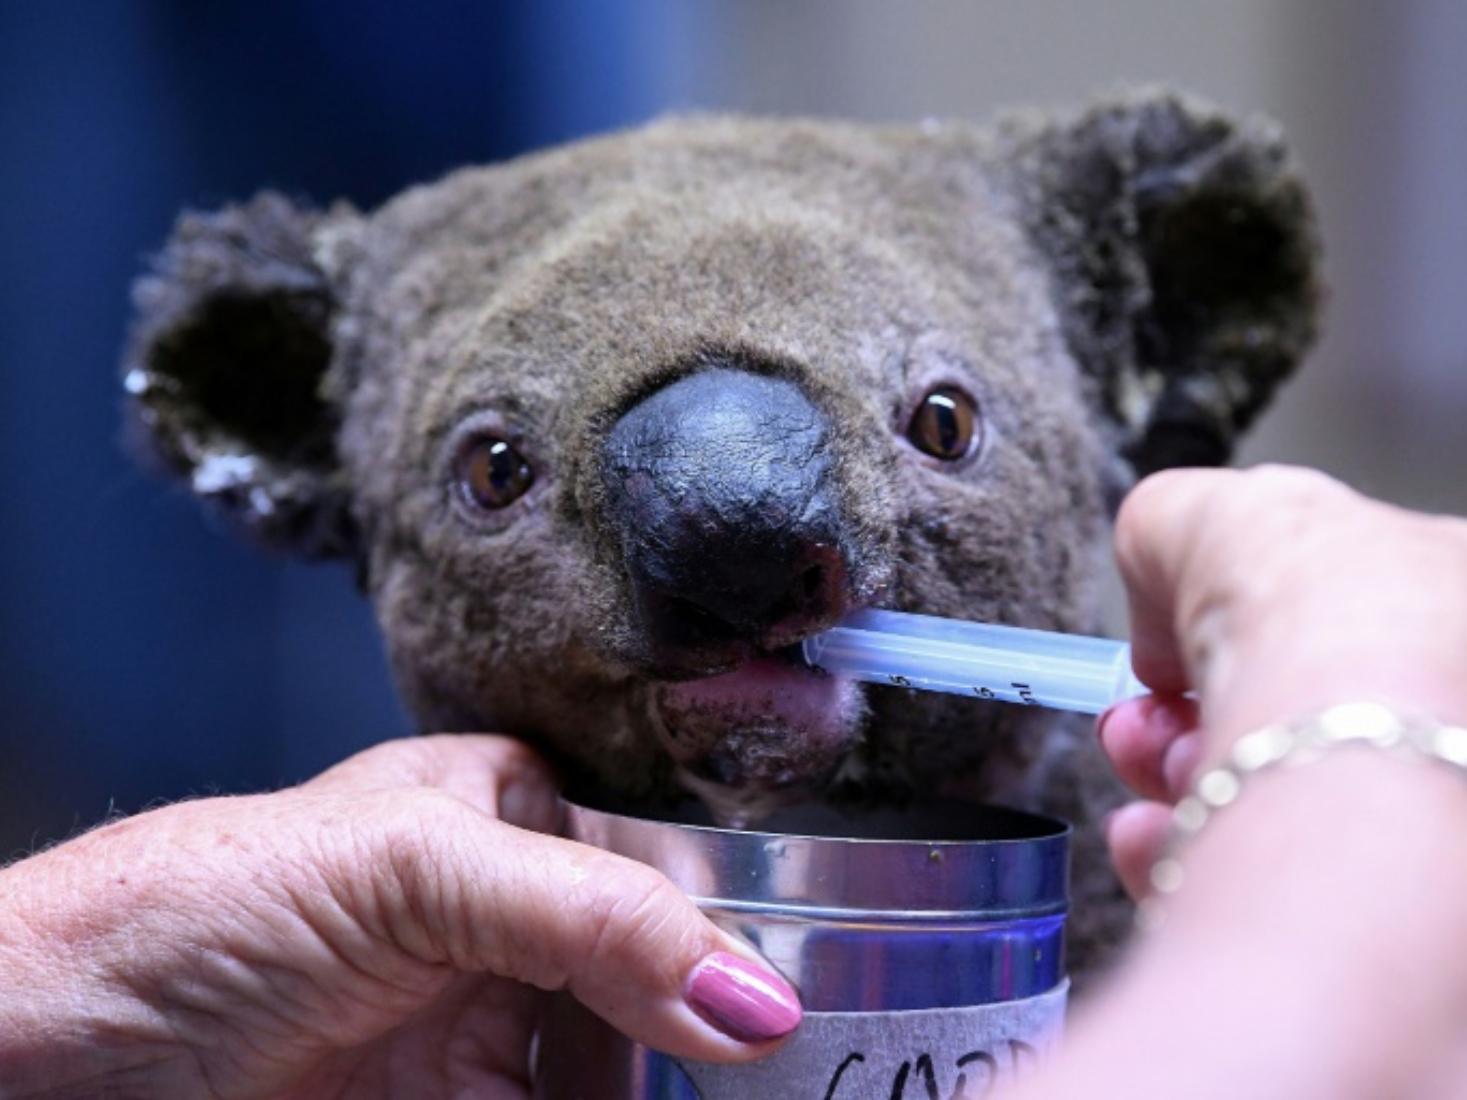 Two koalas rescued in Australia bushfire but fate of 100s unknown